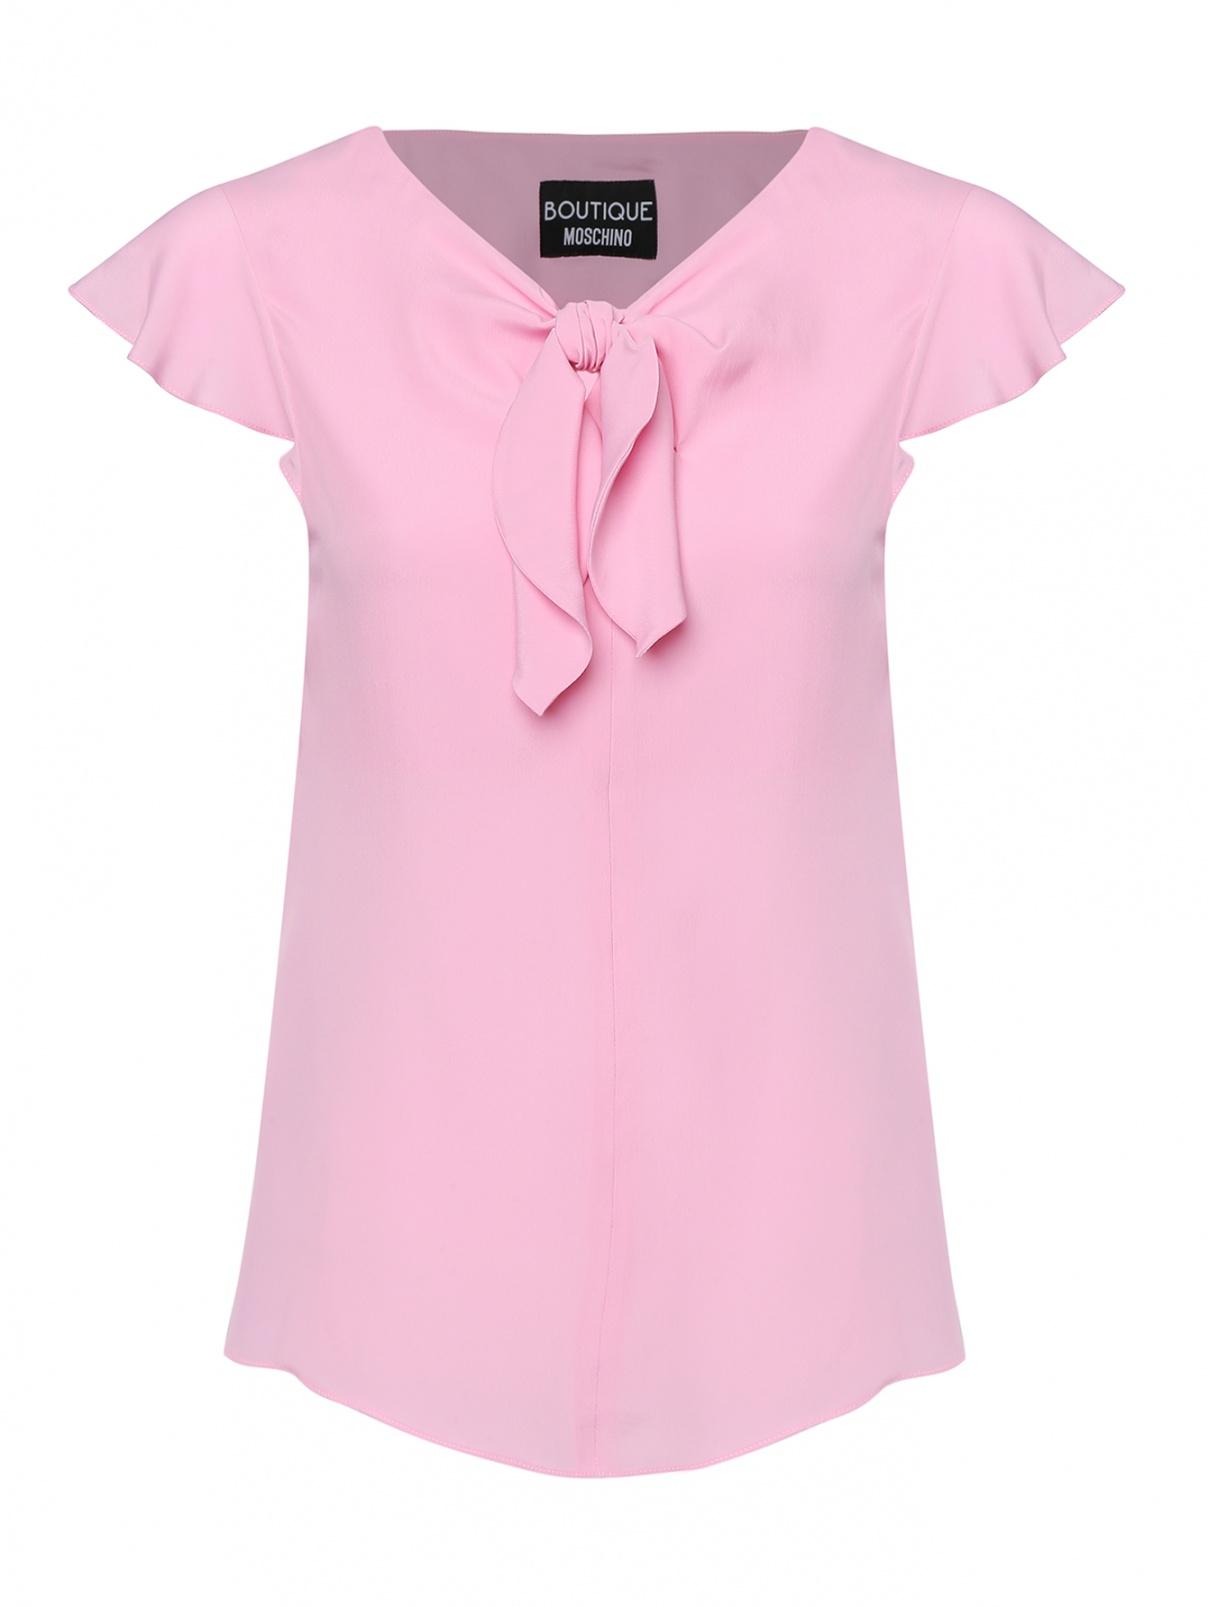 Блуза с короткими рукавами Moschino Boutique  –  Общий вид  – Цвет:  Розовый